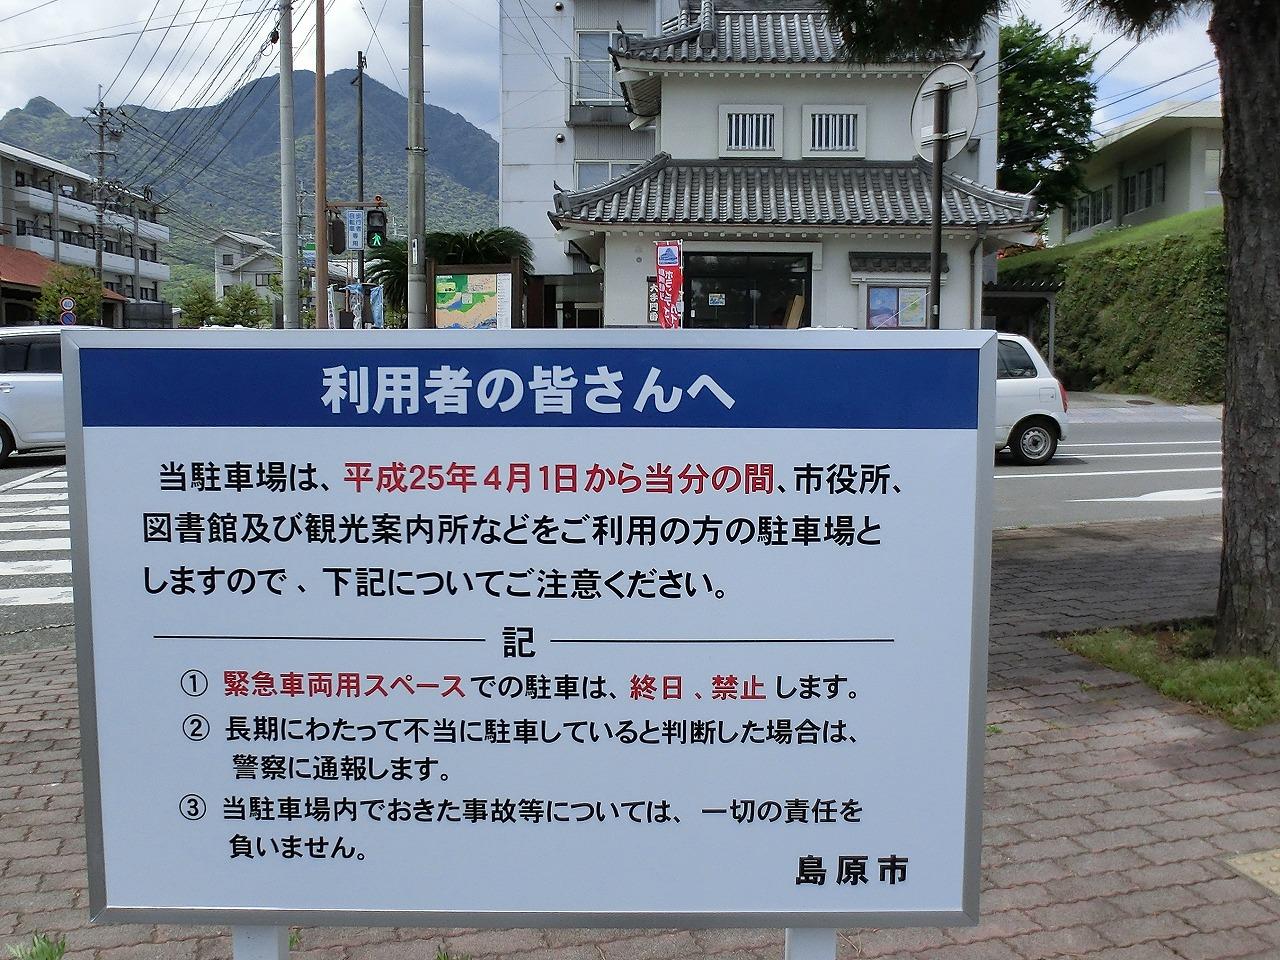 大手広場駐車場問題2_c0052876_0255318.jpg